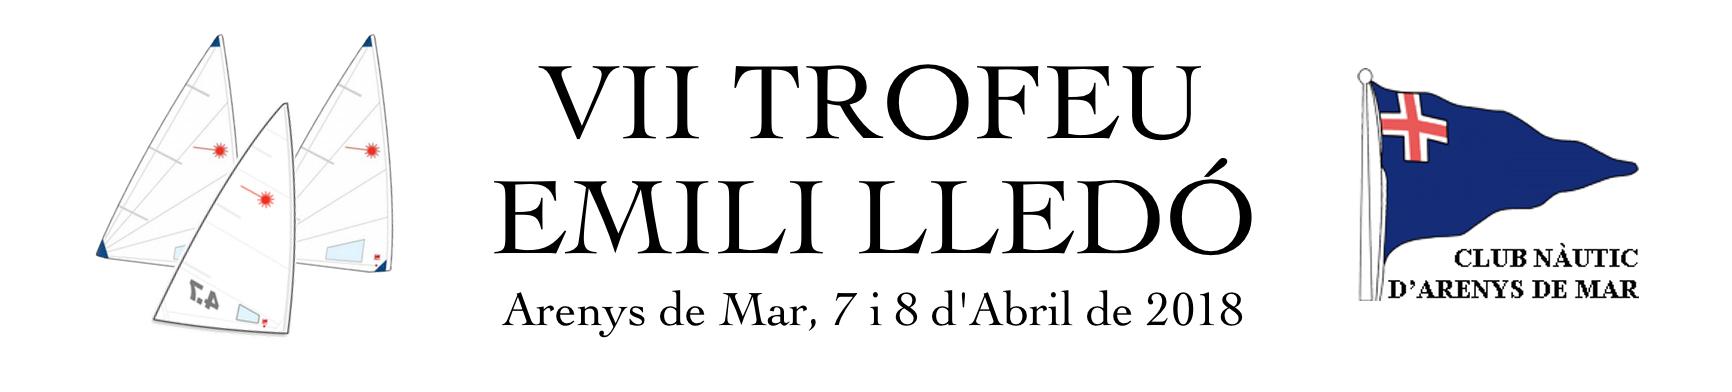 El  Club Nàutic d'Arenys de Mar , per delegació de la  Federació Catalana de Vela , organitza la VII edició del Trofeu Emili Lledó de Laser Radial, Laser Standard i Laser 4.7, de nivell 2 i puntuable per el circuit català els dies 7 i 8 d'Abril.